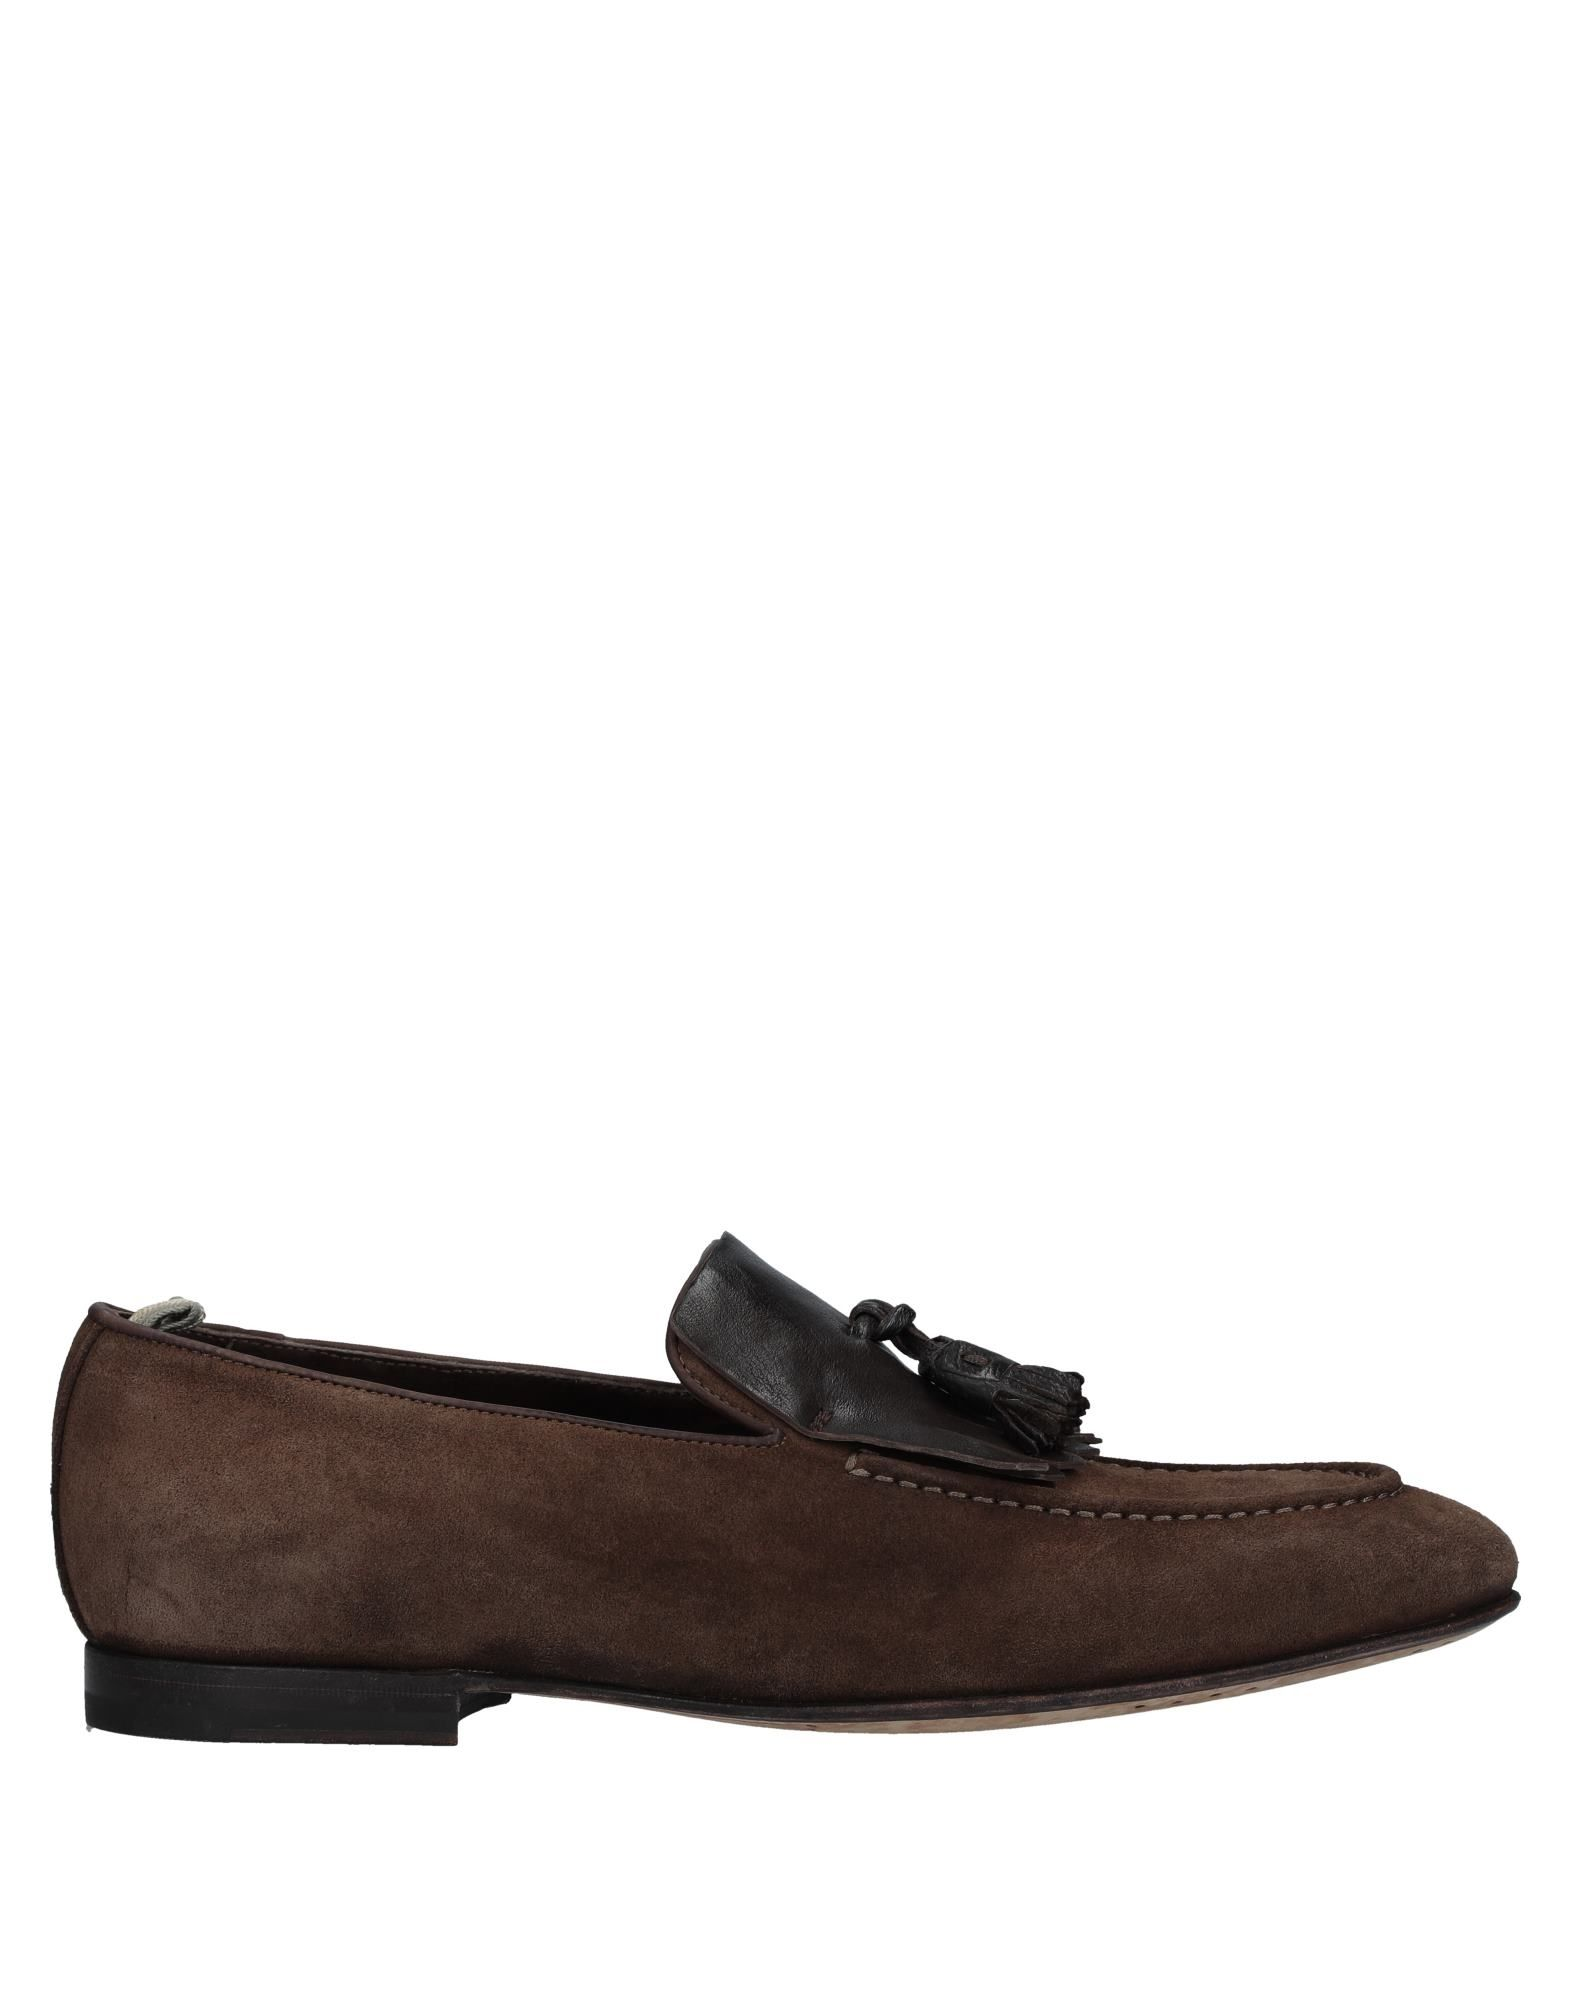 Sneakers Guess Donna - 11506623NE Scarpe economiche e buone